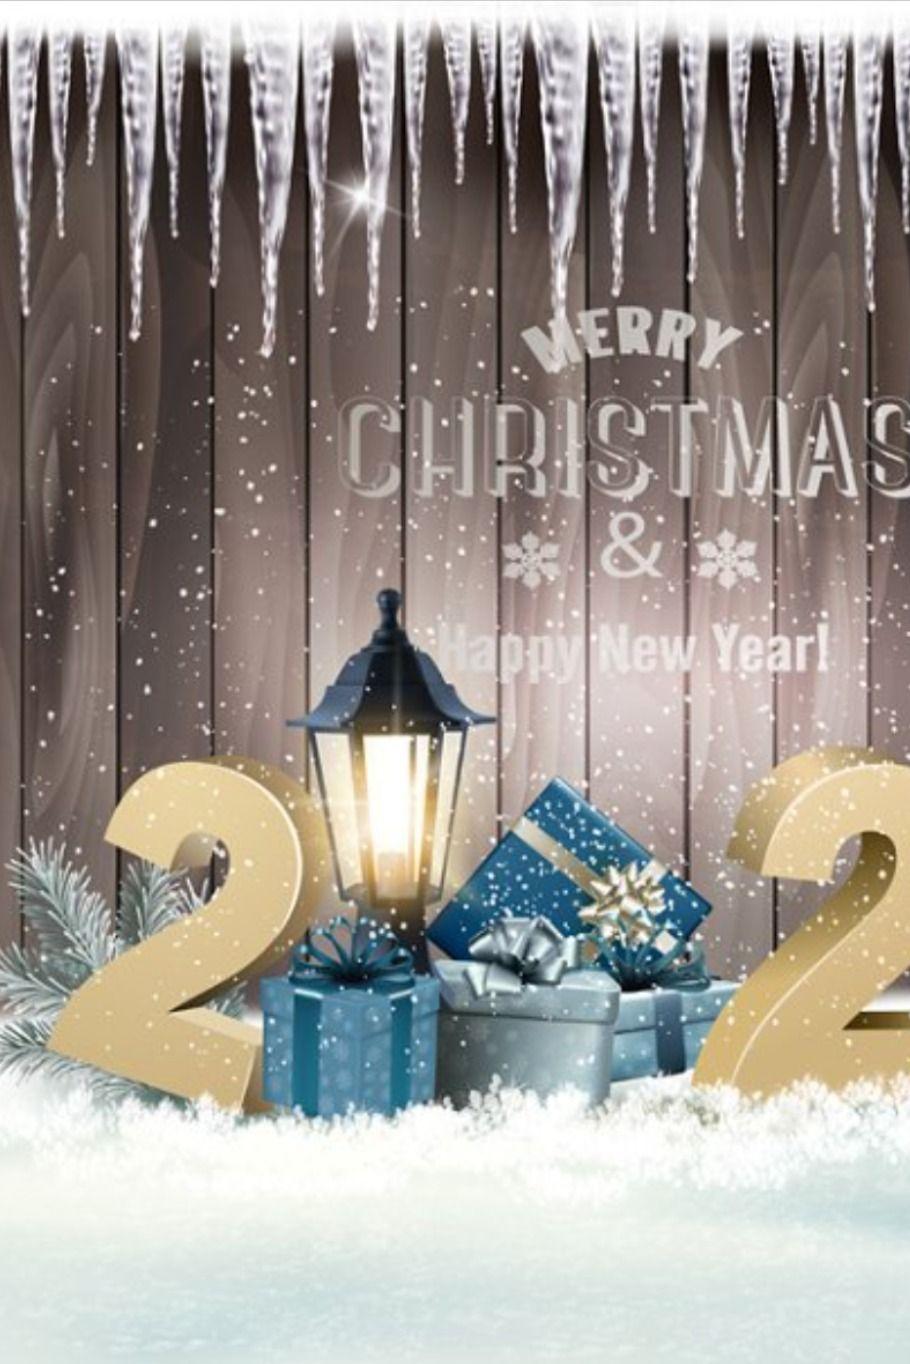 Christmas Holiday 2021 Holiday Christmas 2021 Background Holiday Background Christmas Holidays New Year Holidays